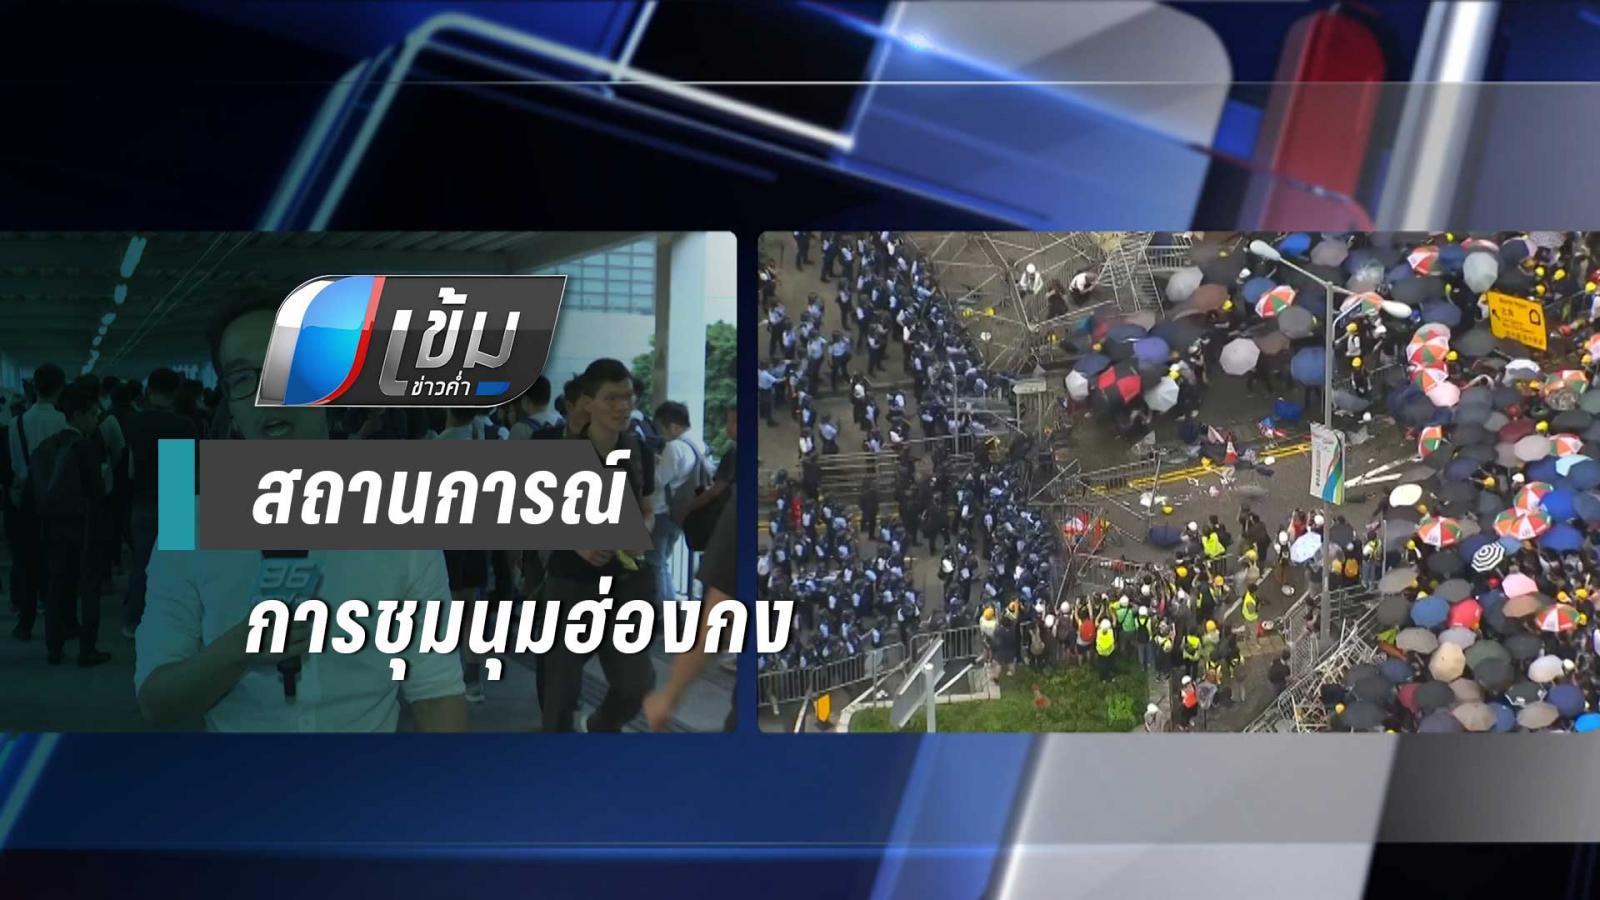 เกาะติด !! สถานการณ์ชุมนุมฮ่องกง